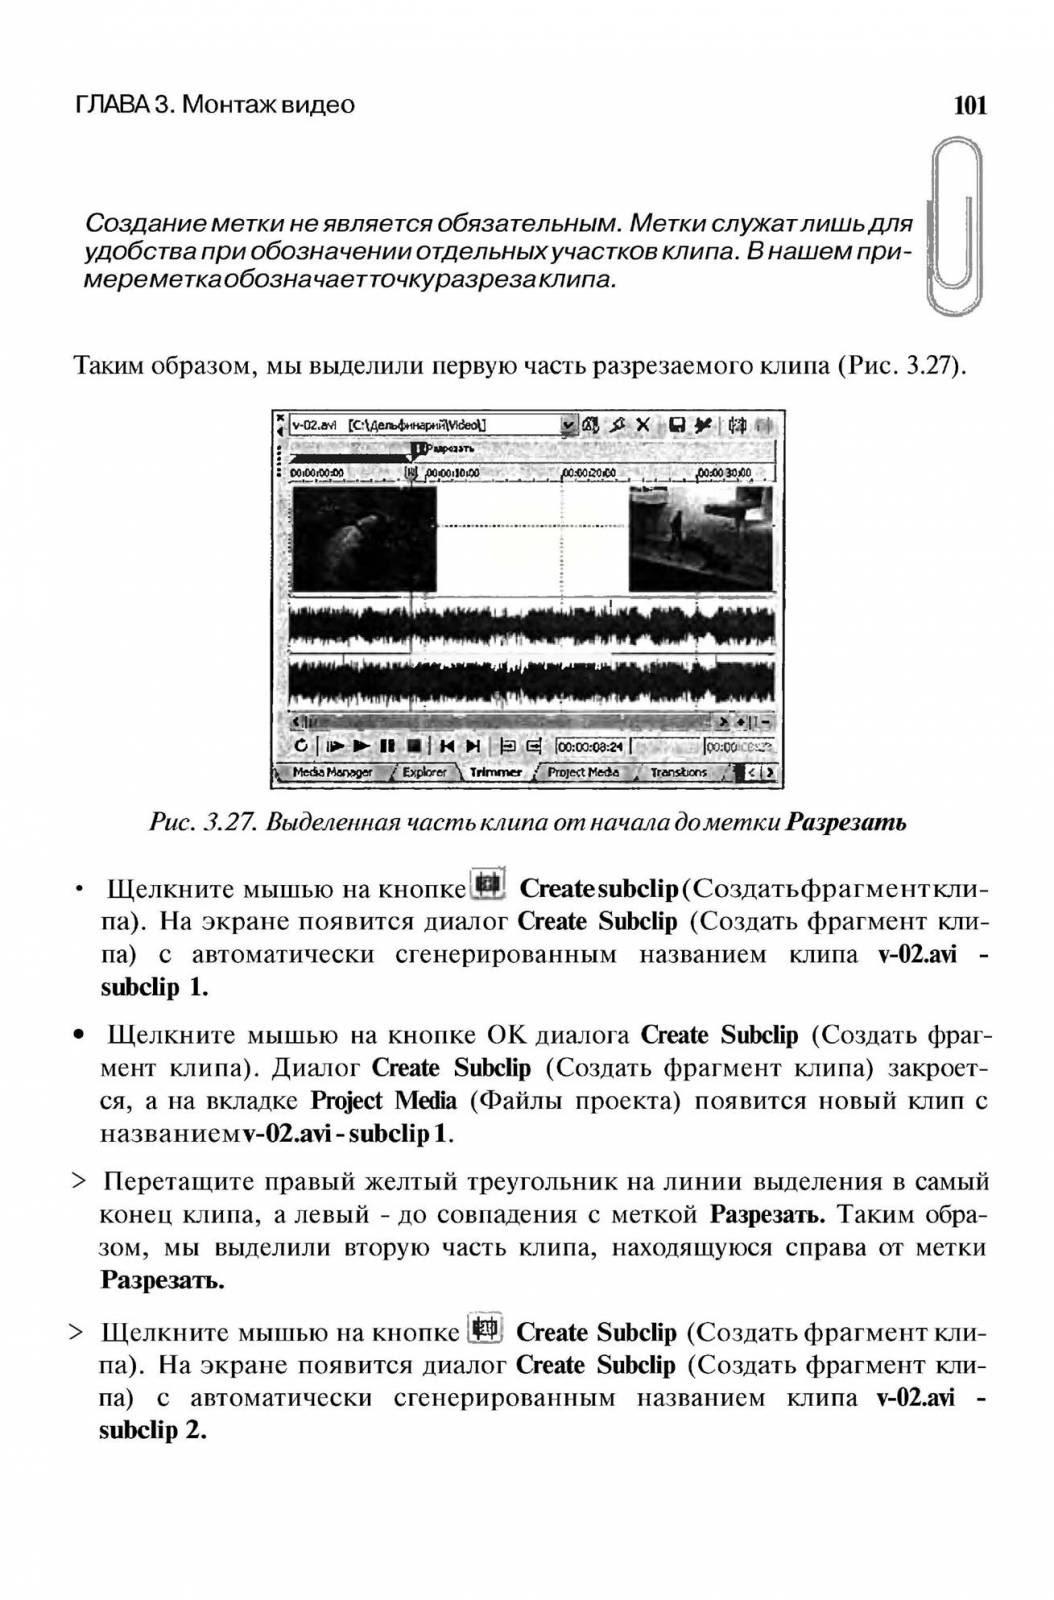 http://redaktori-uroki.3dn.ru/_ph/13/944612583.jpg